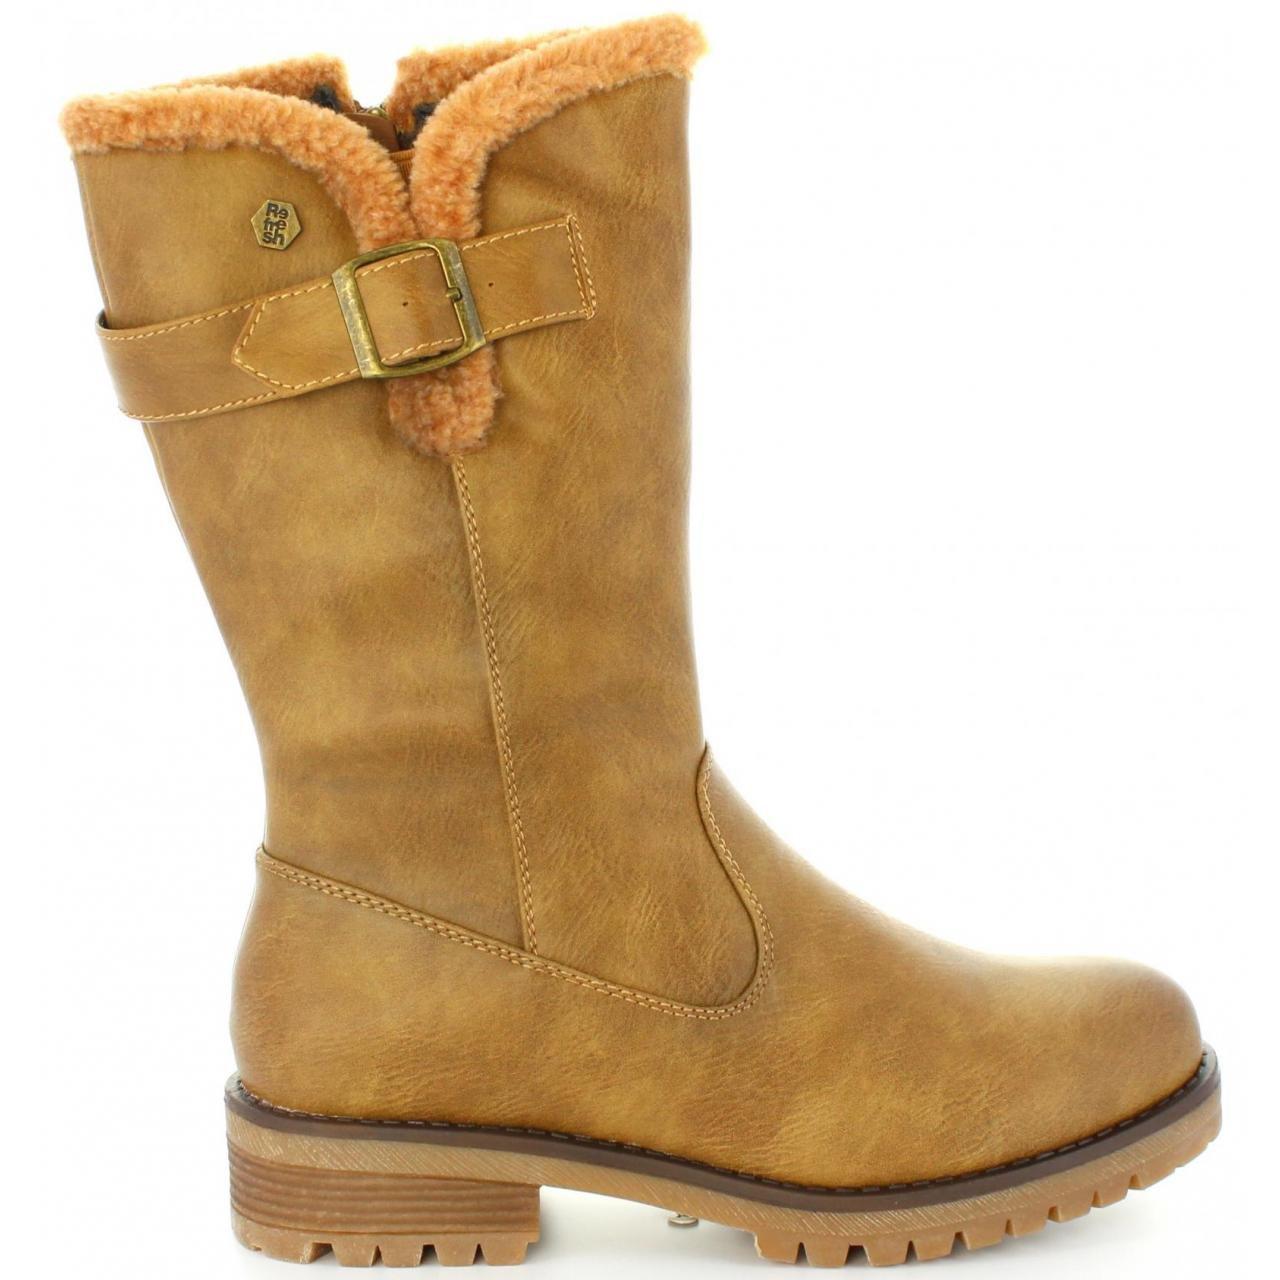 quality design add7b 1f641 Camel C 63910 Damen für Stiefel Refresh b787debtx74251 ...